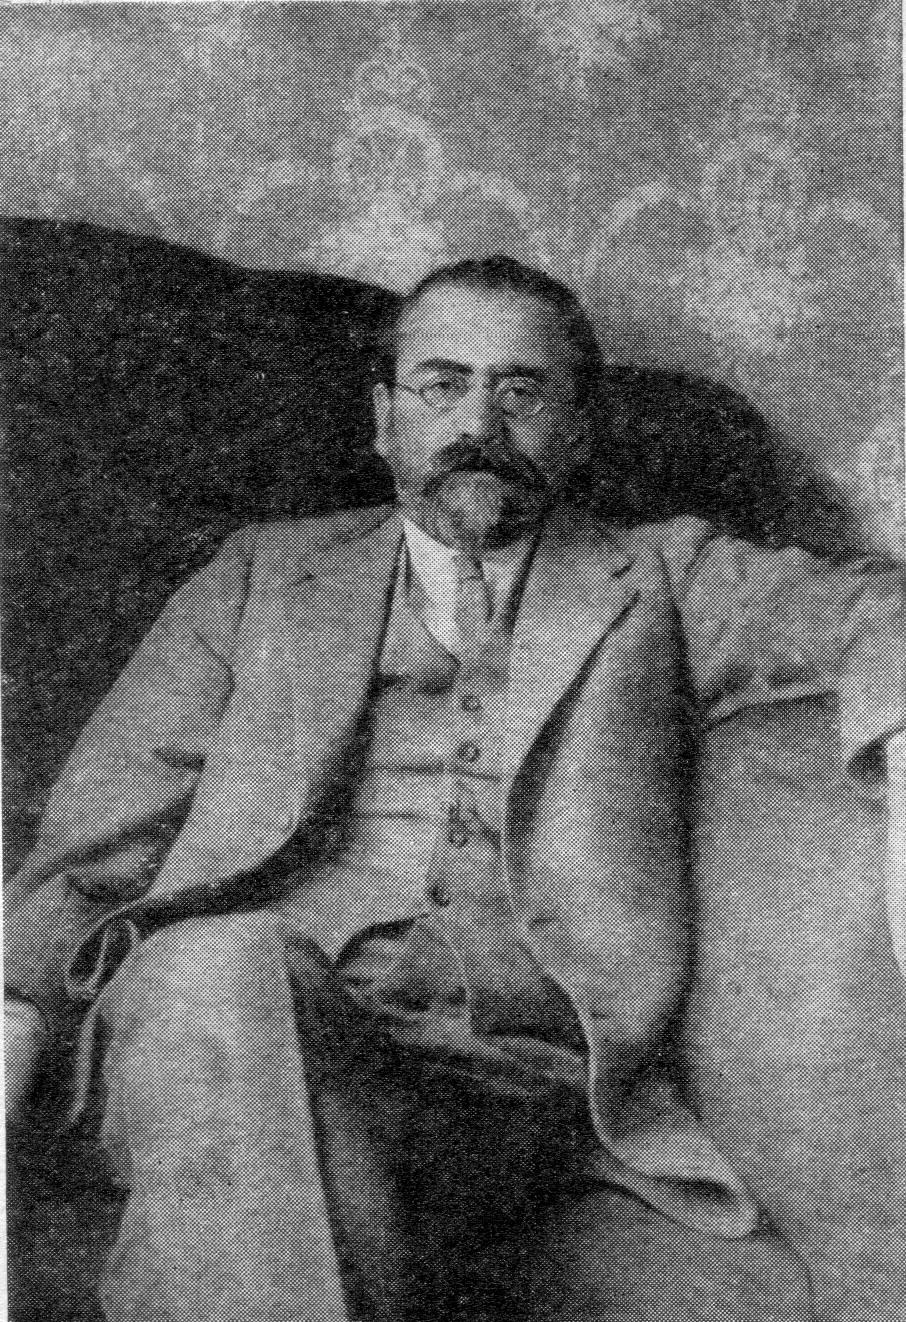 Theodore Rothstein, Clapton Communist